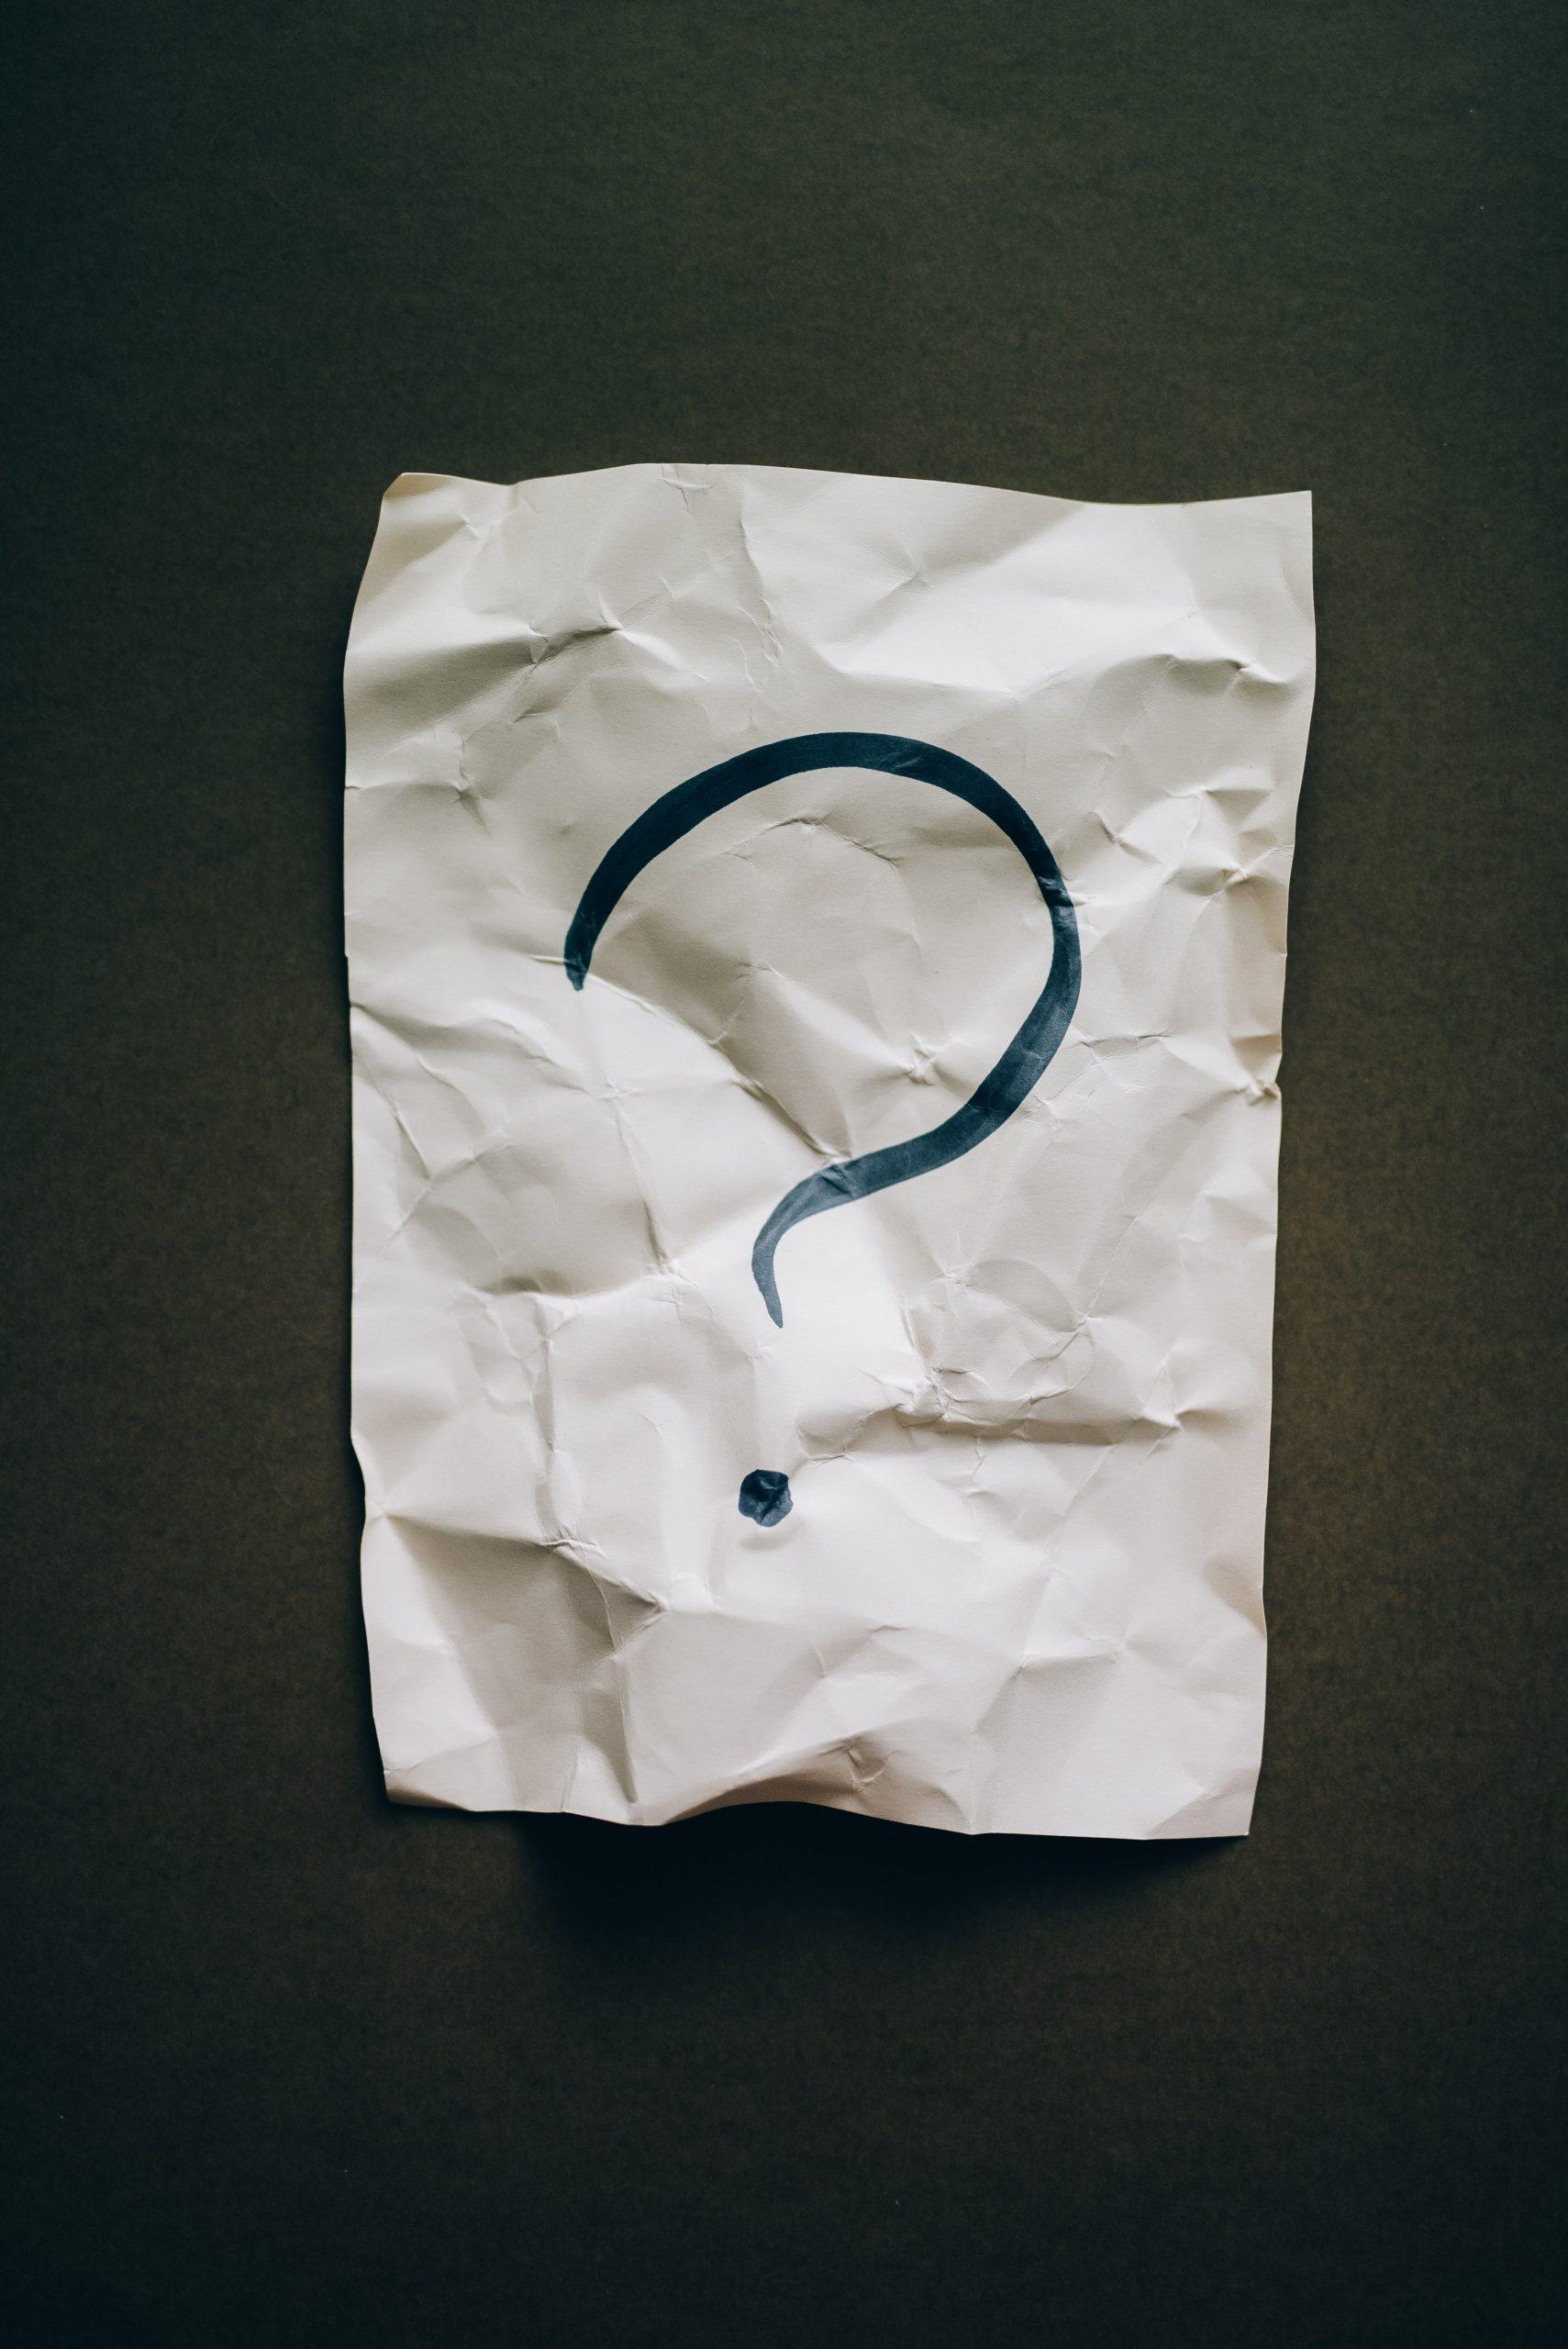 Schwarzes Fragezeichen auf einem zerknitterten Papier